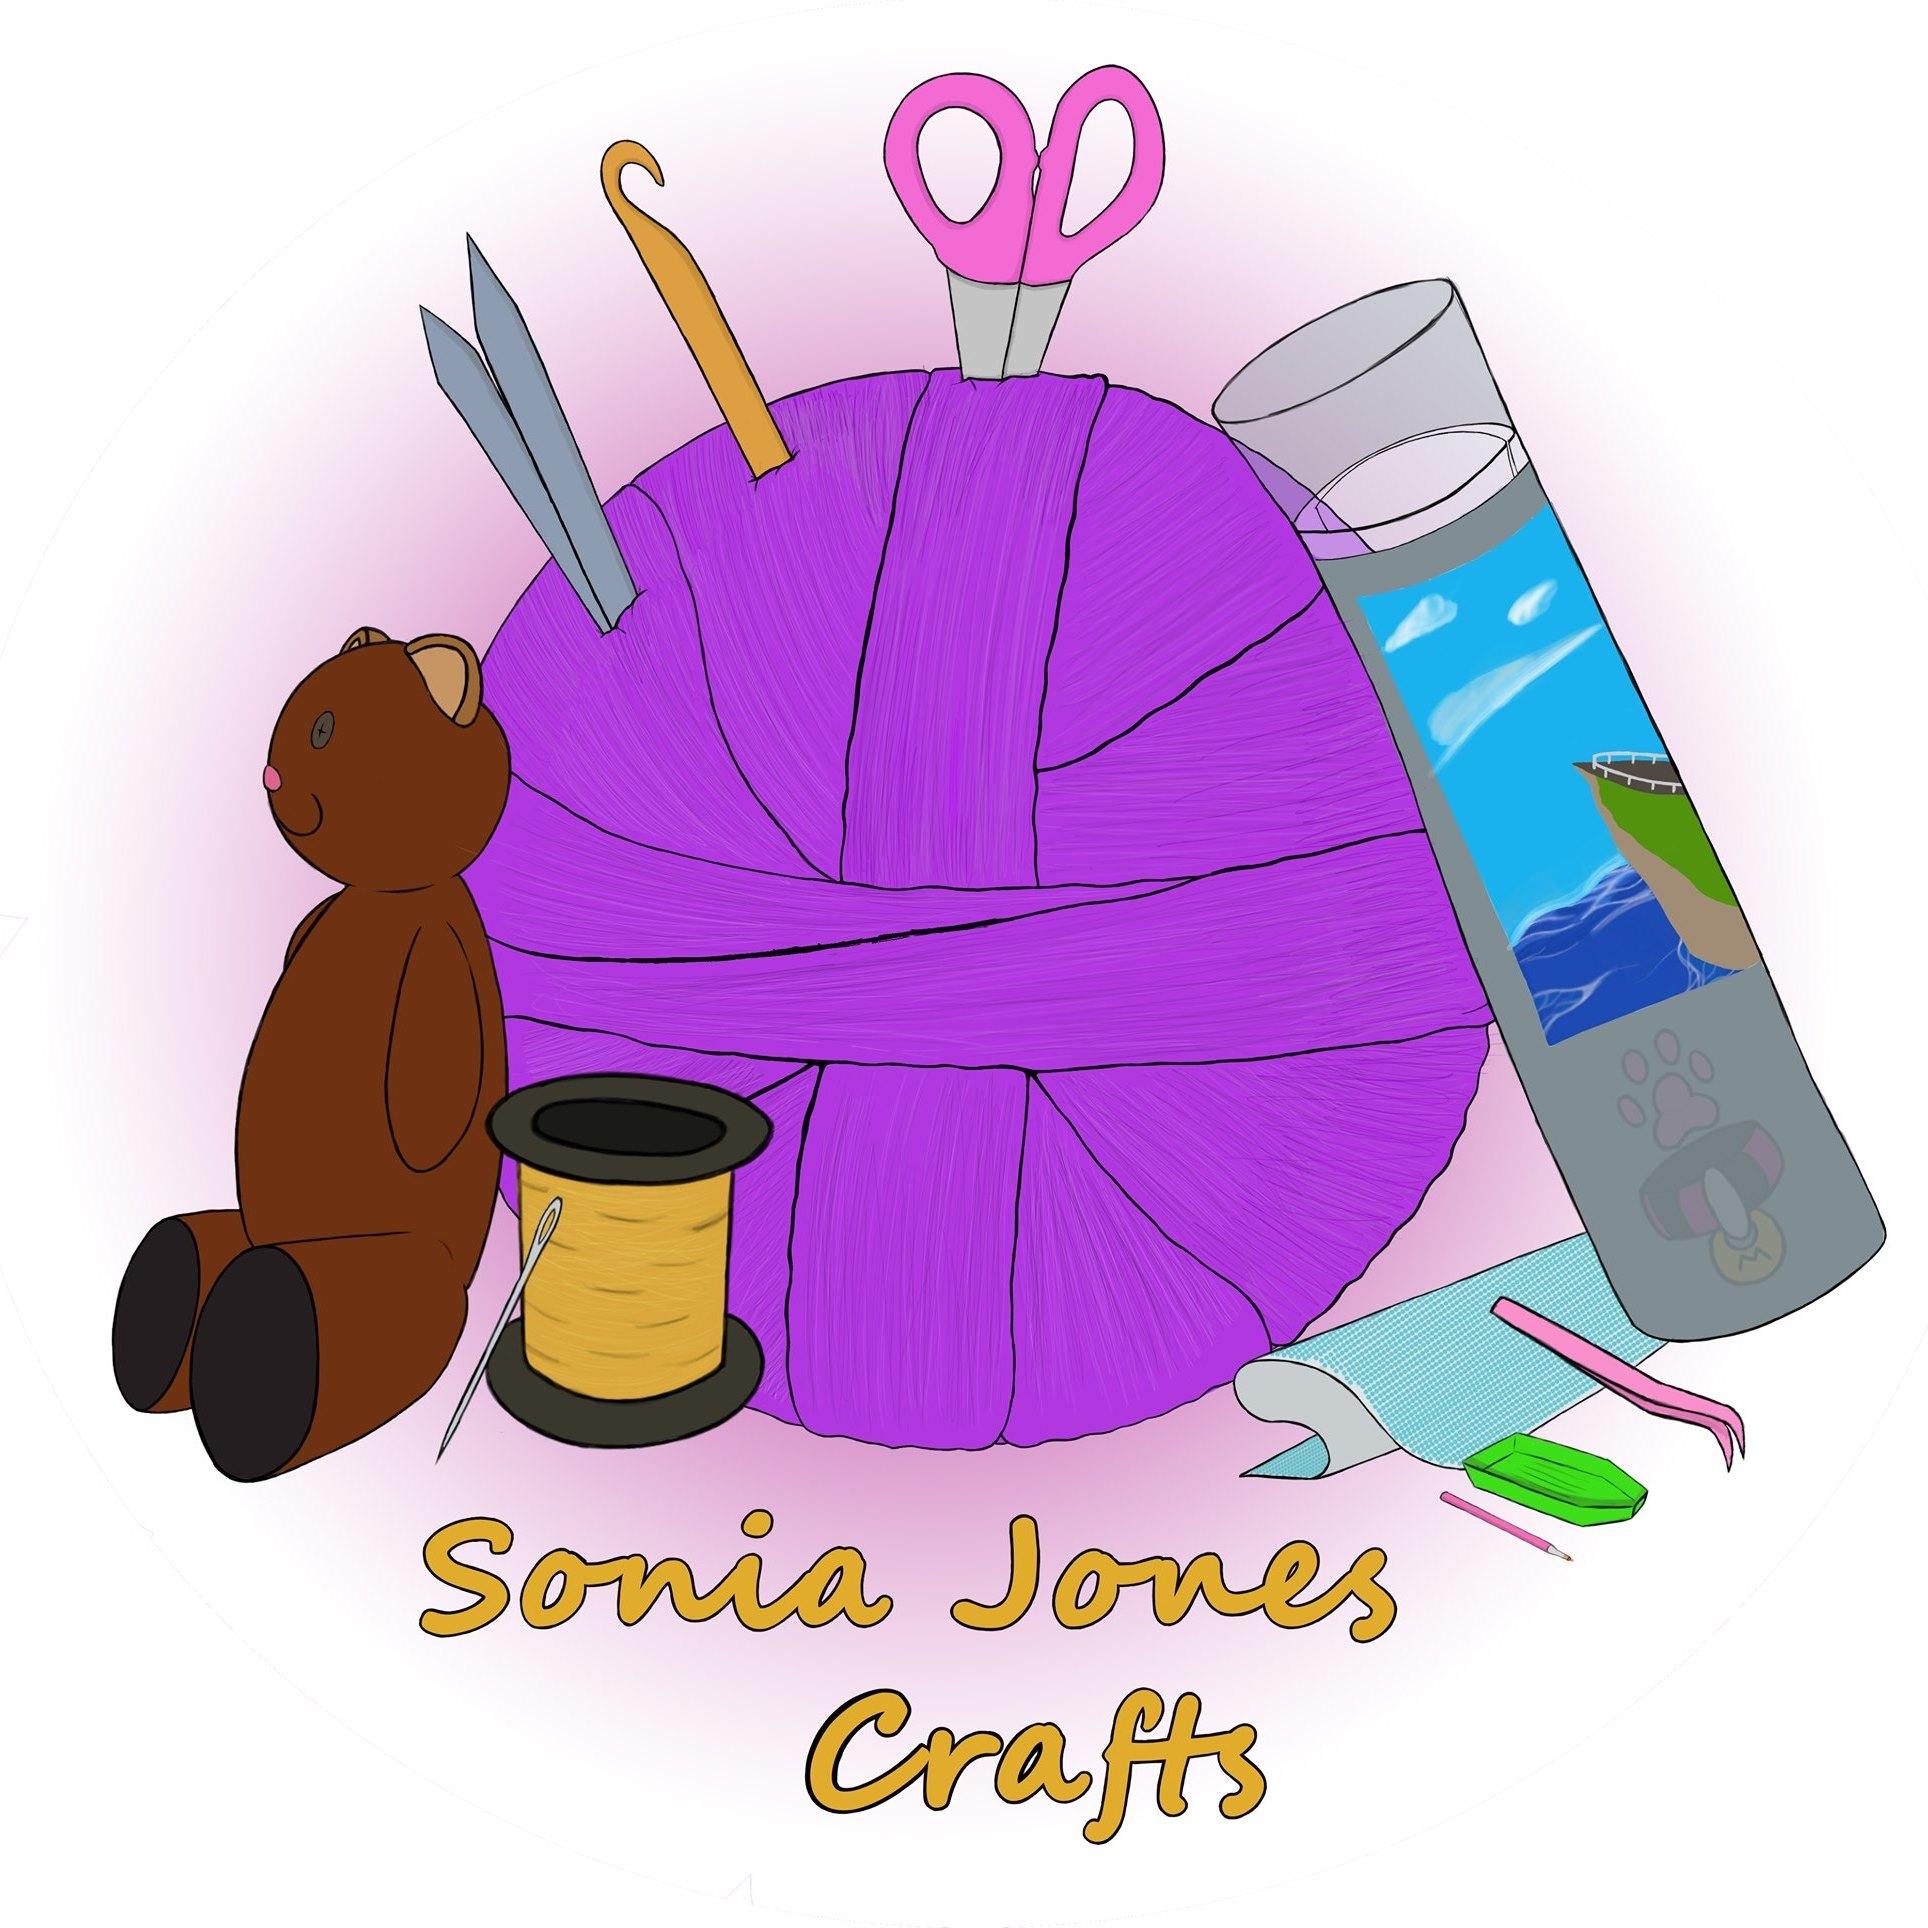 Sonia Jones Crafts